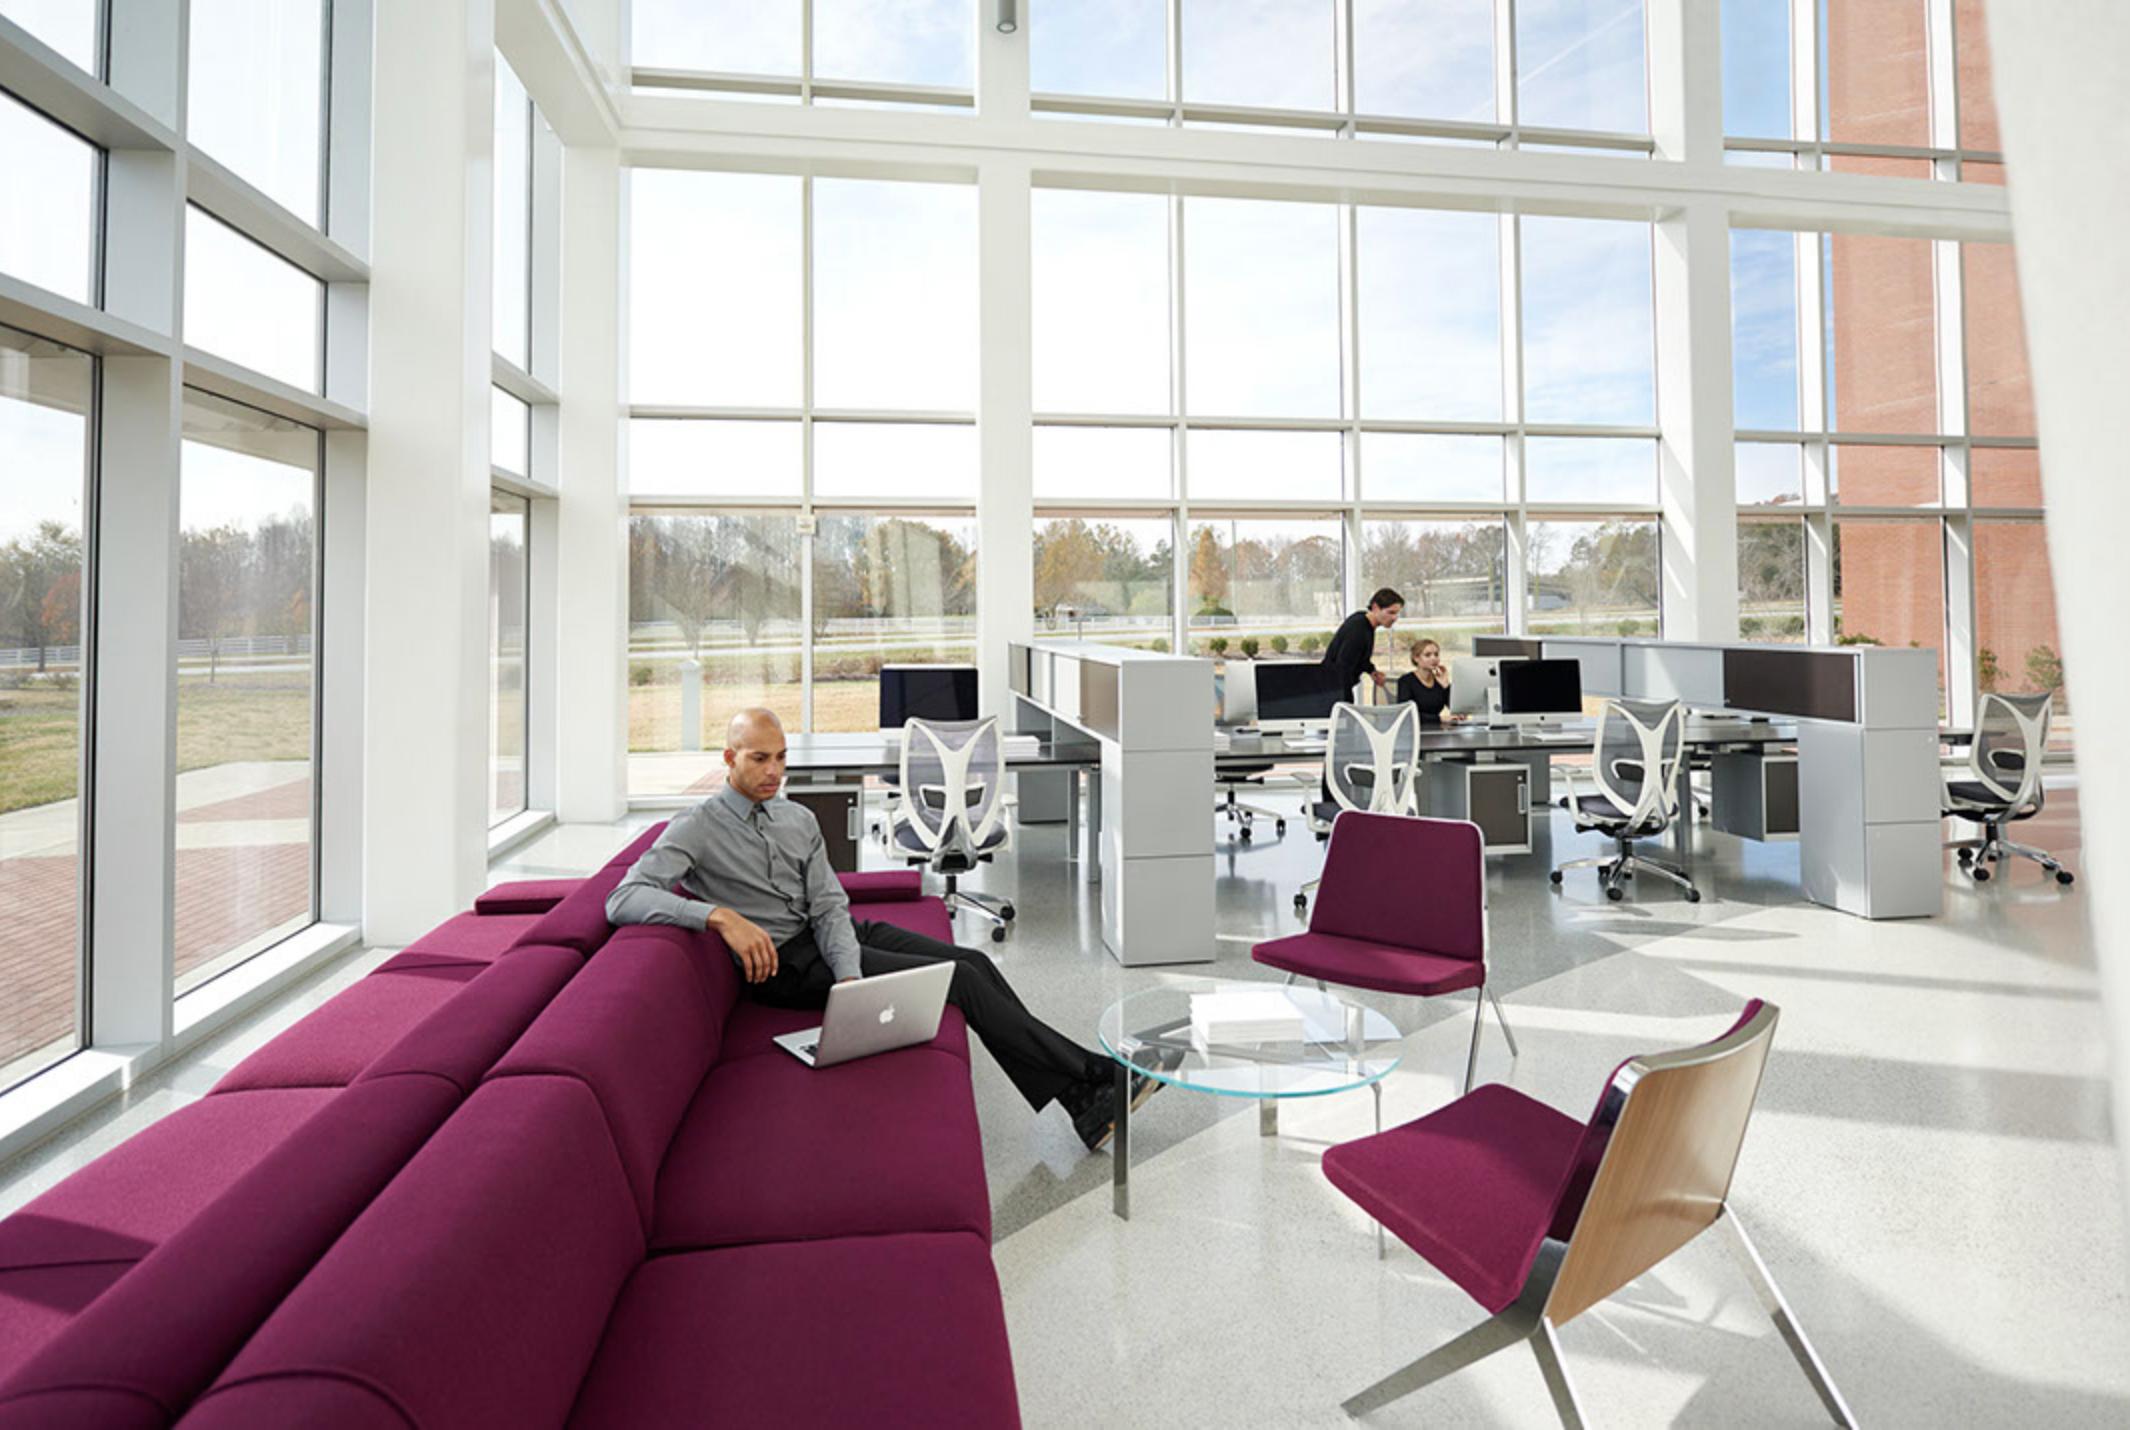 WO_Dude-Purple Sofa